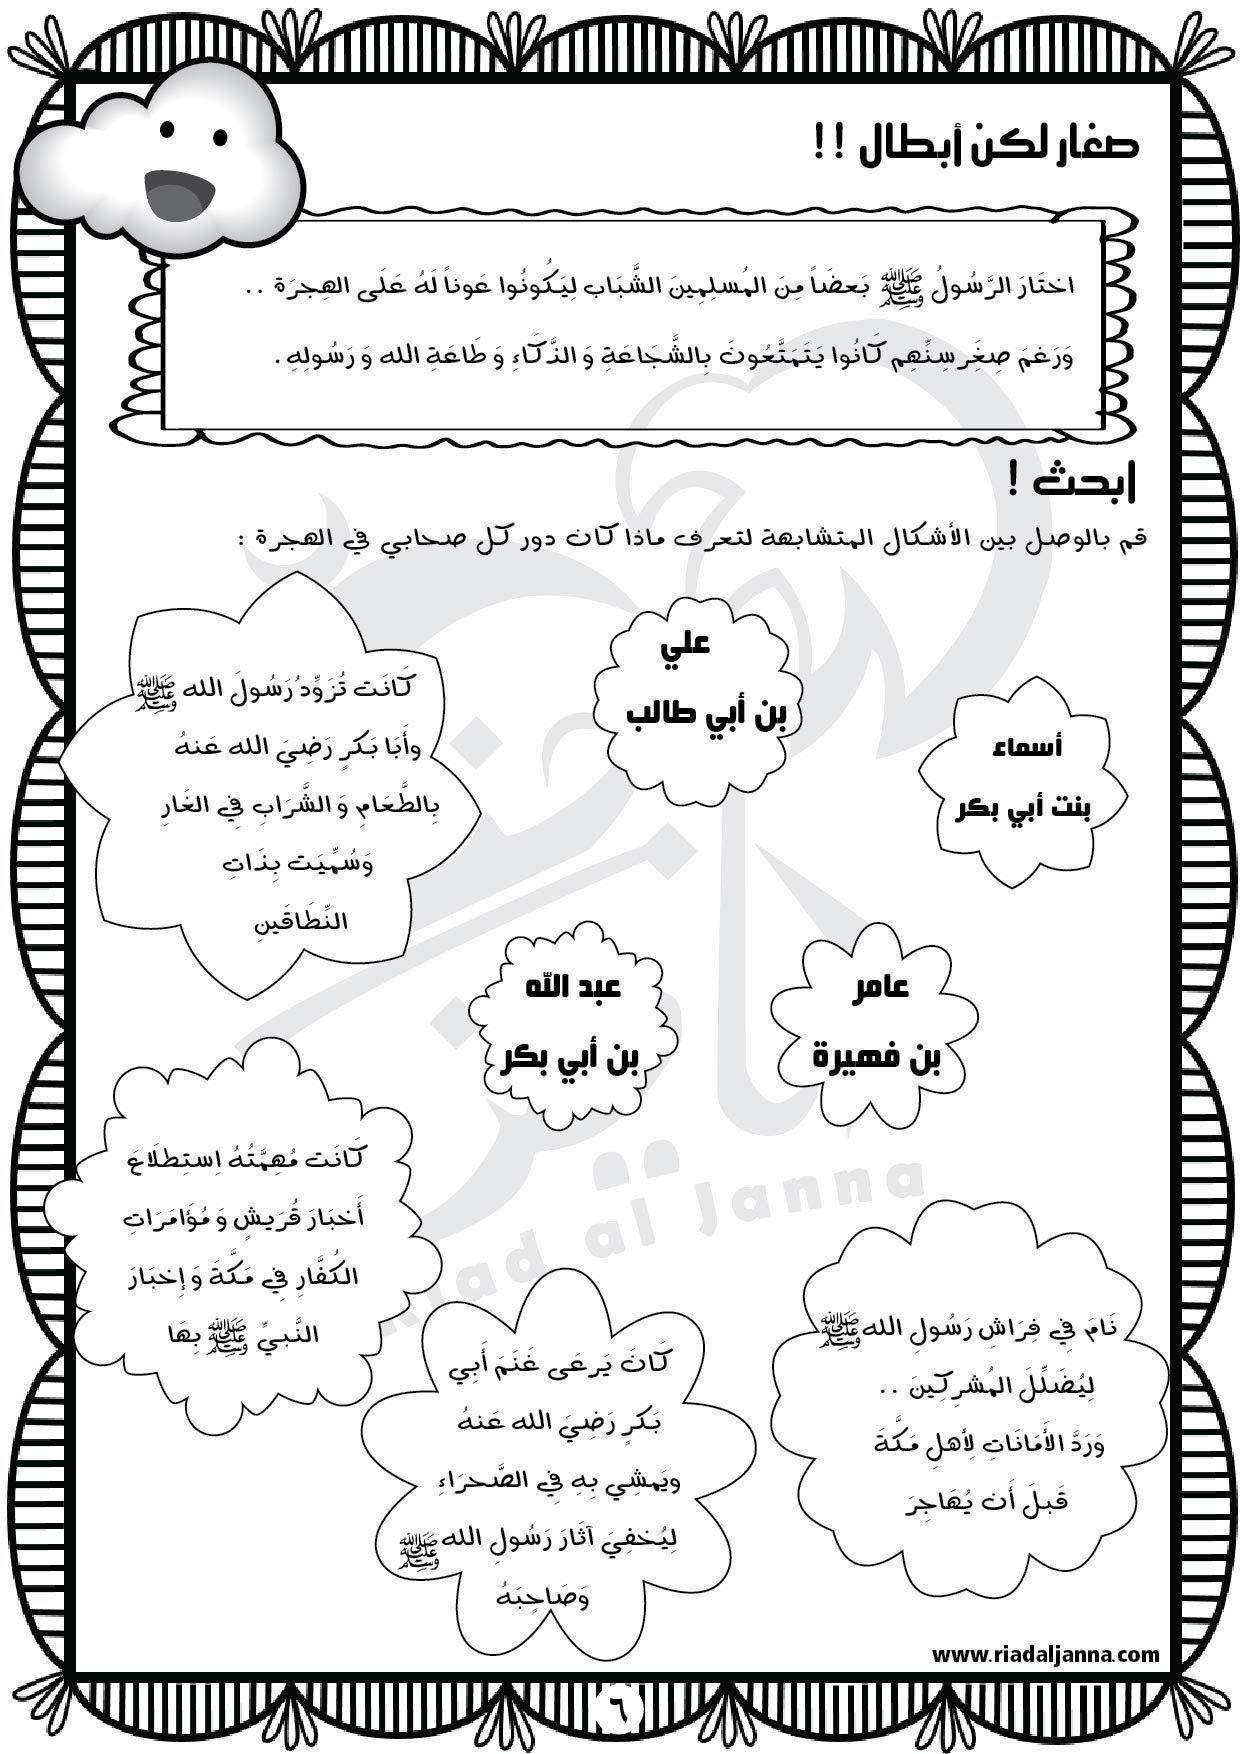 أوراق عمل تشرح قصة الهجرة النبوية للأطفال مع تمارين ممتعة و رسوم للمسجد النبوي قديما و Islamic Kids Activities Muslim Kids Activities Arabic Alphabet For Kids